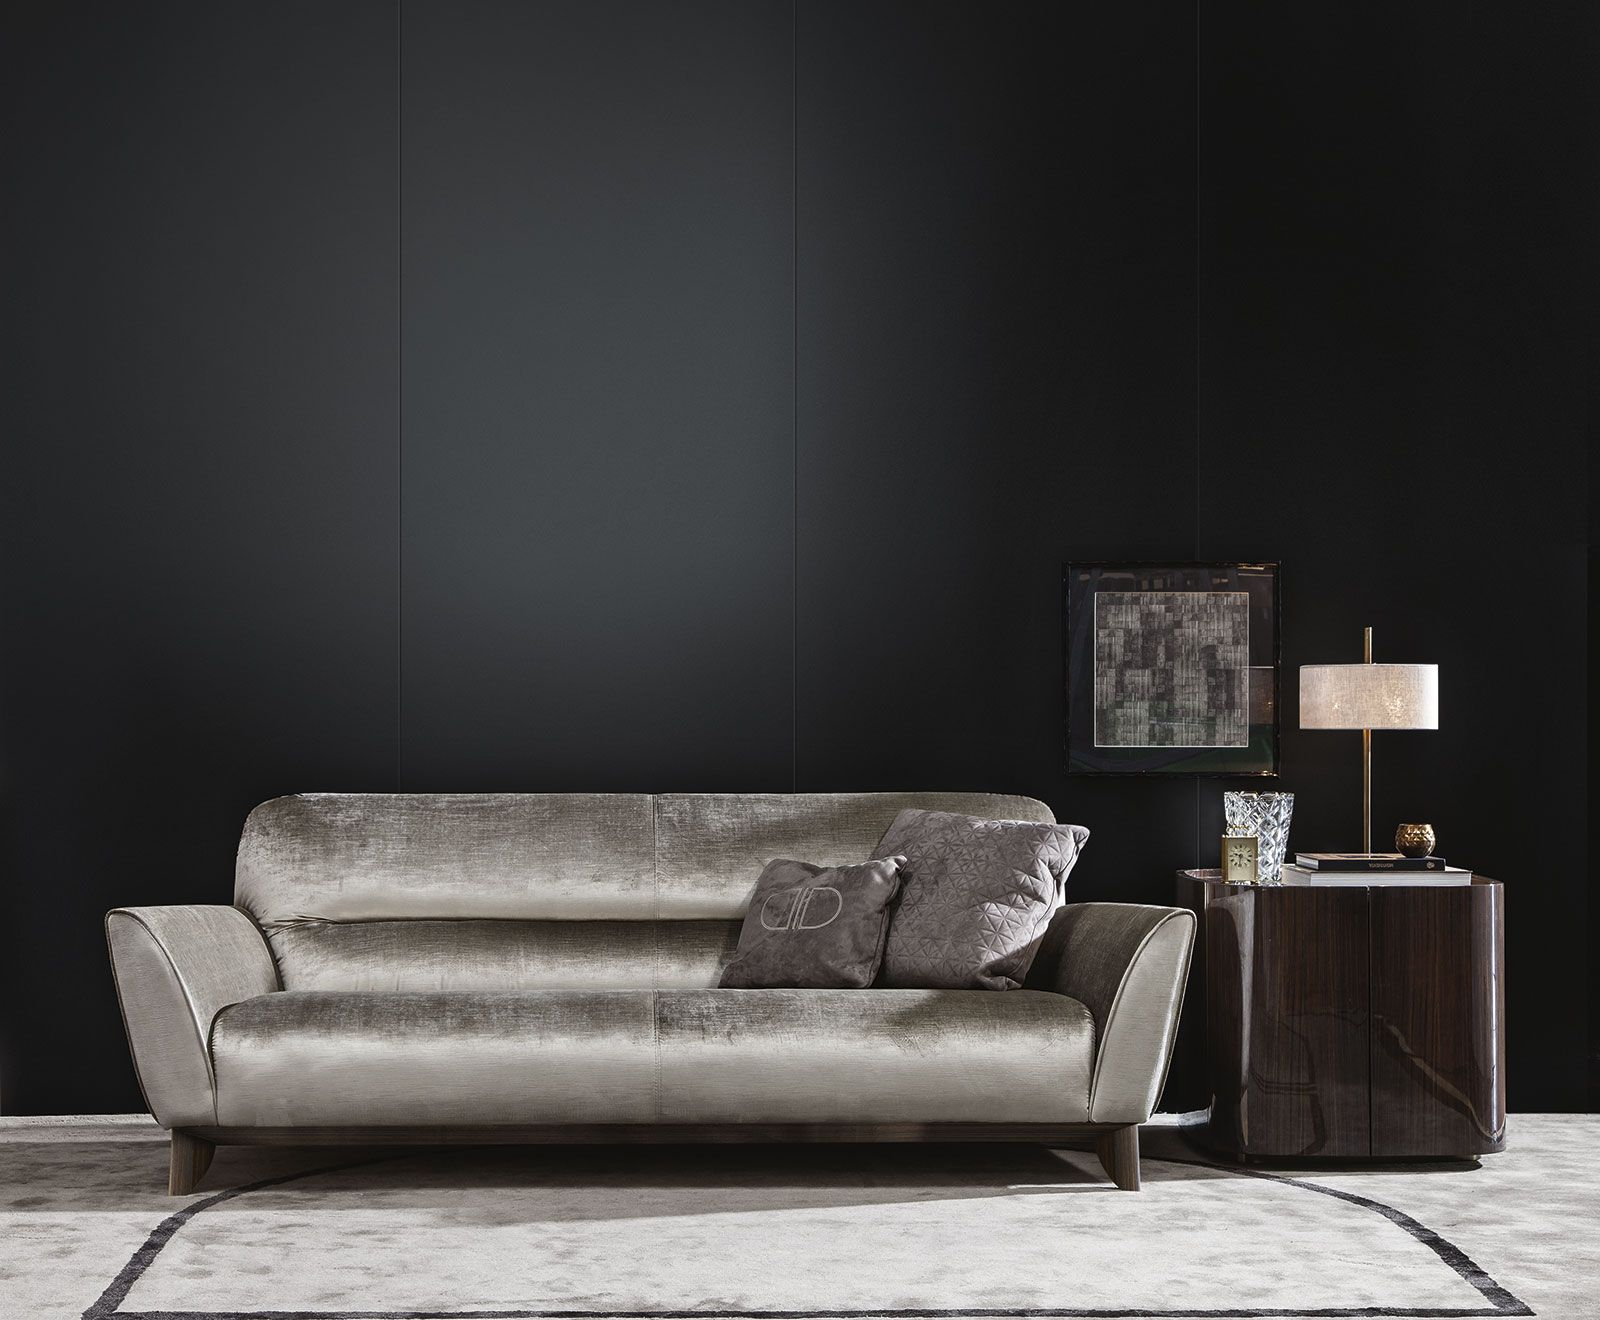 Arredamento Lusso ~ Daytona arredamento contemporaneo moderno di lusso e mobili stile